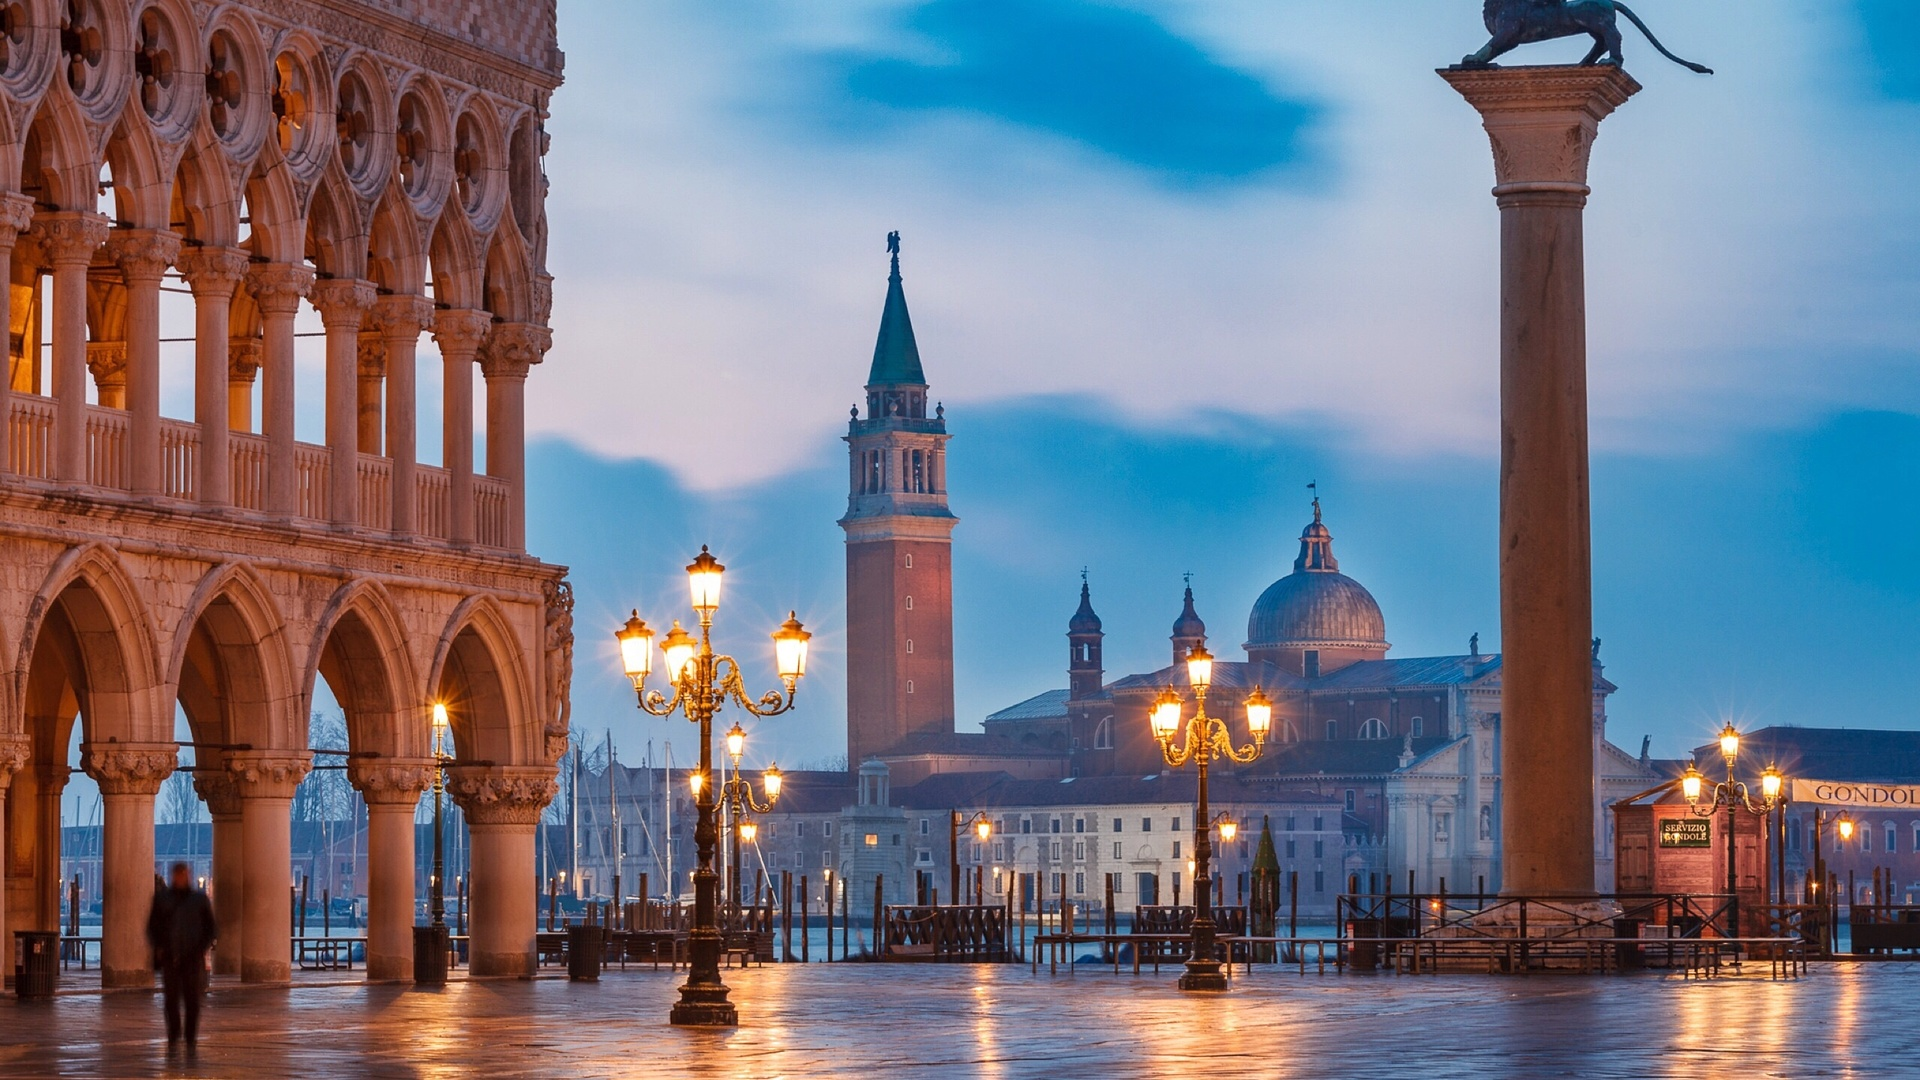 город, здания, утро, освещение, площадь, фонари, италия, венеция, собор, башни, колонны